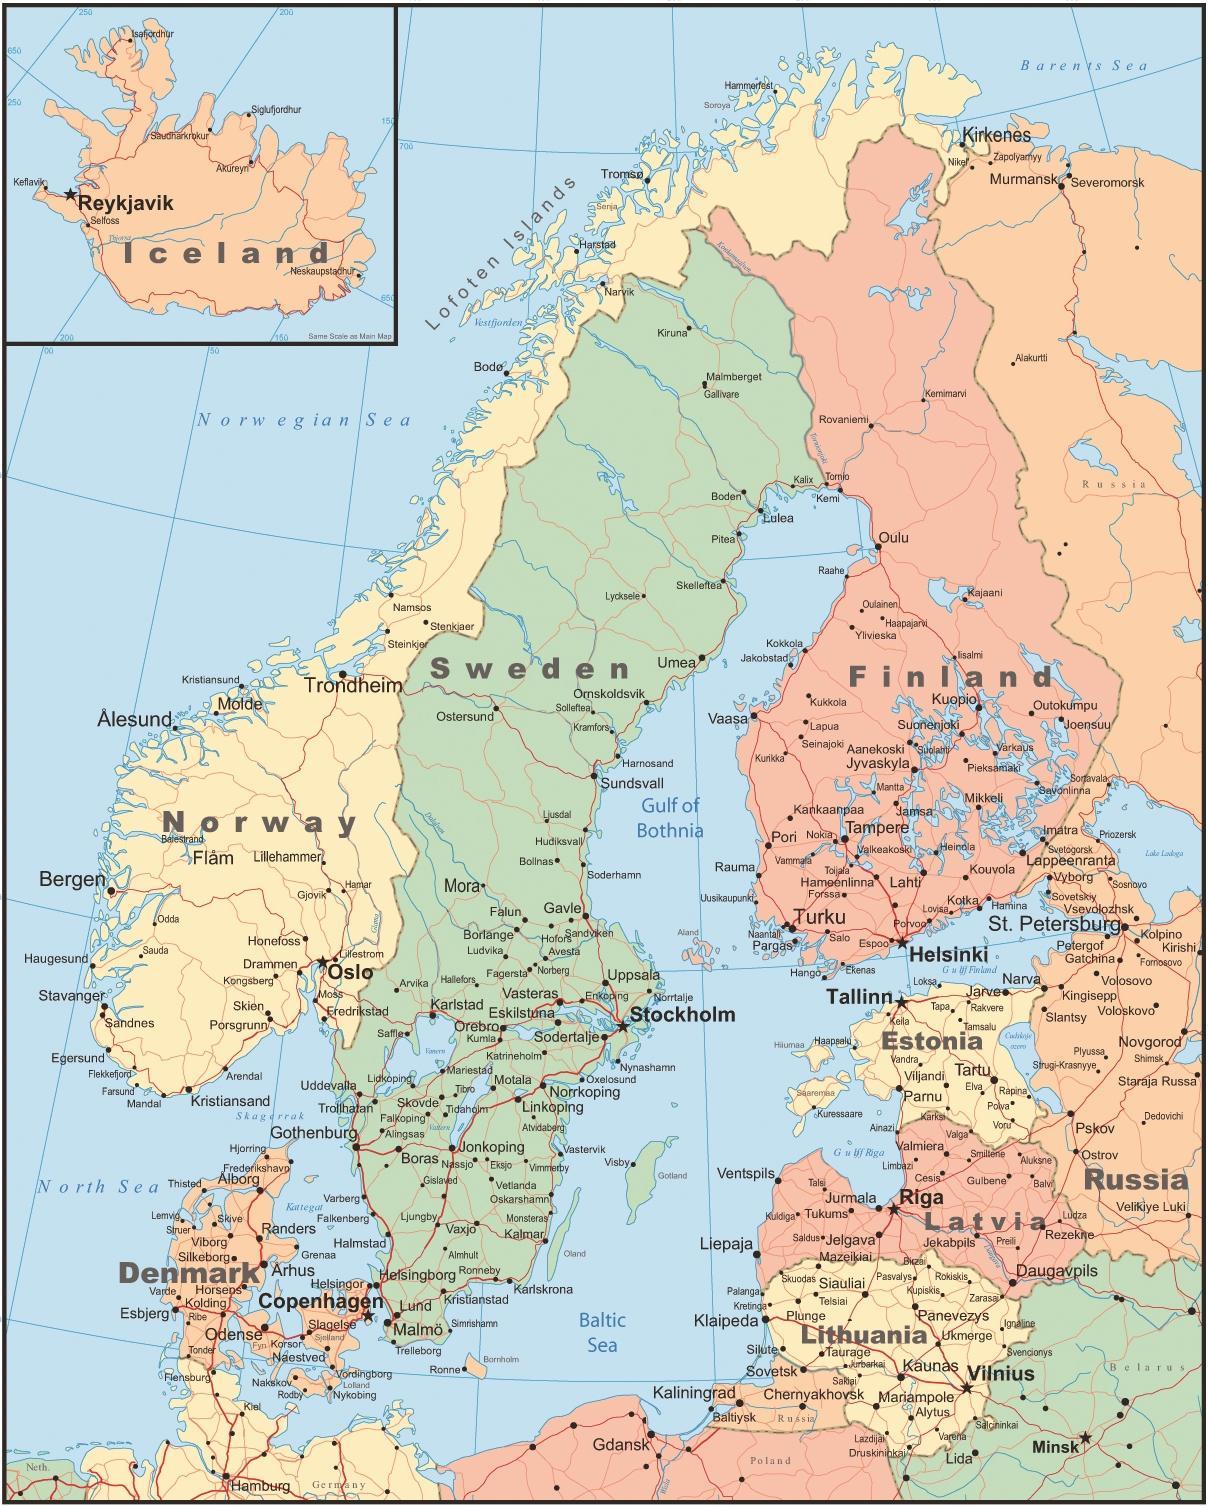 Danemark Landkarte Karte Von Danemark Und Den Umliegenden